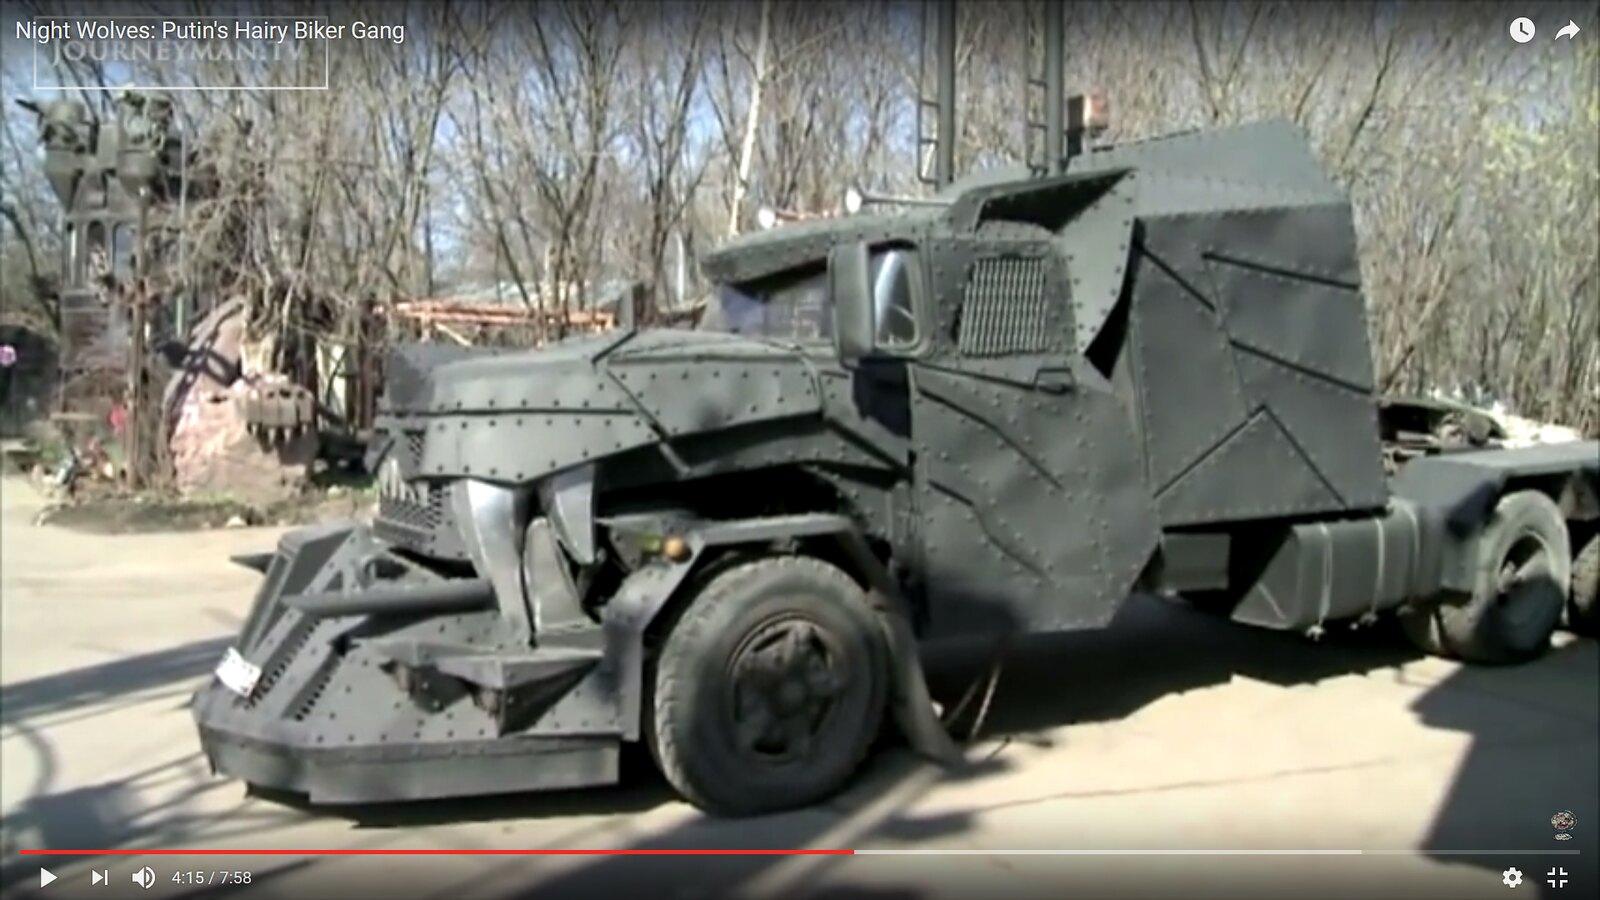 [Déterrage] Wolf Truck sur base de Diamond Reo AMT au 1/24 32105662134_4264d1b911_h